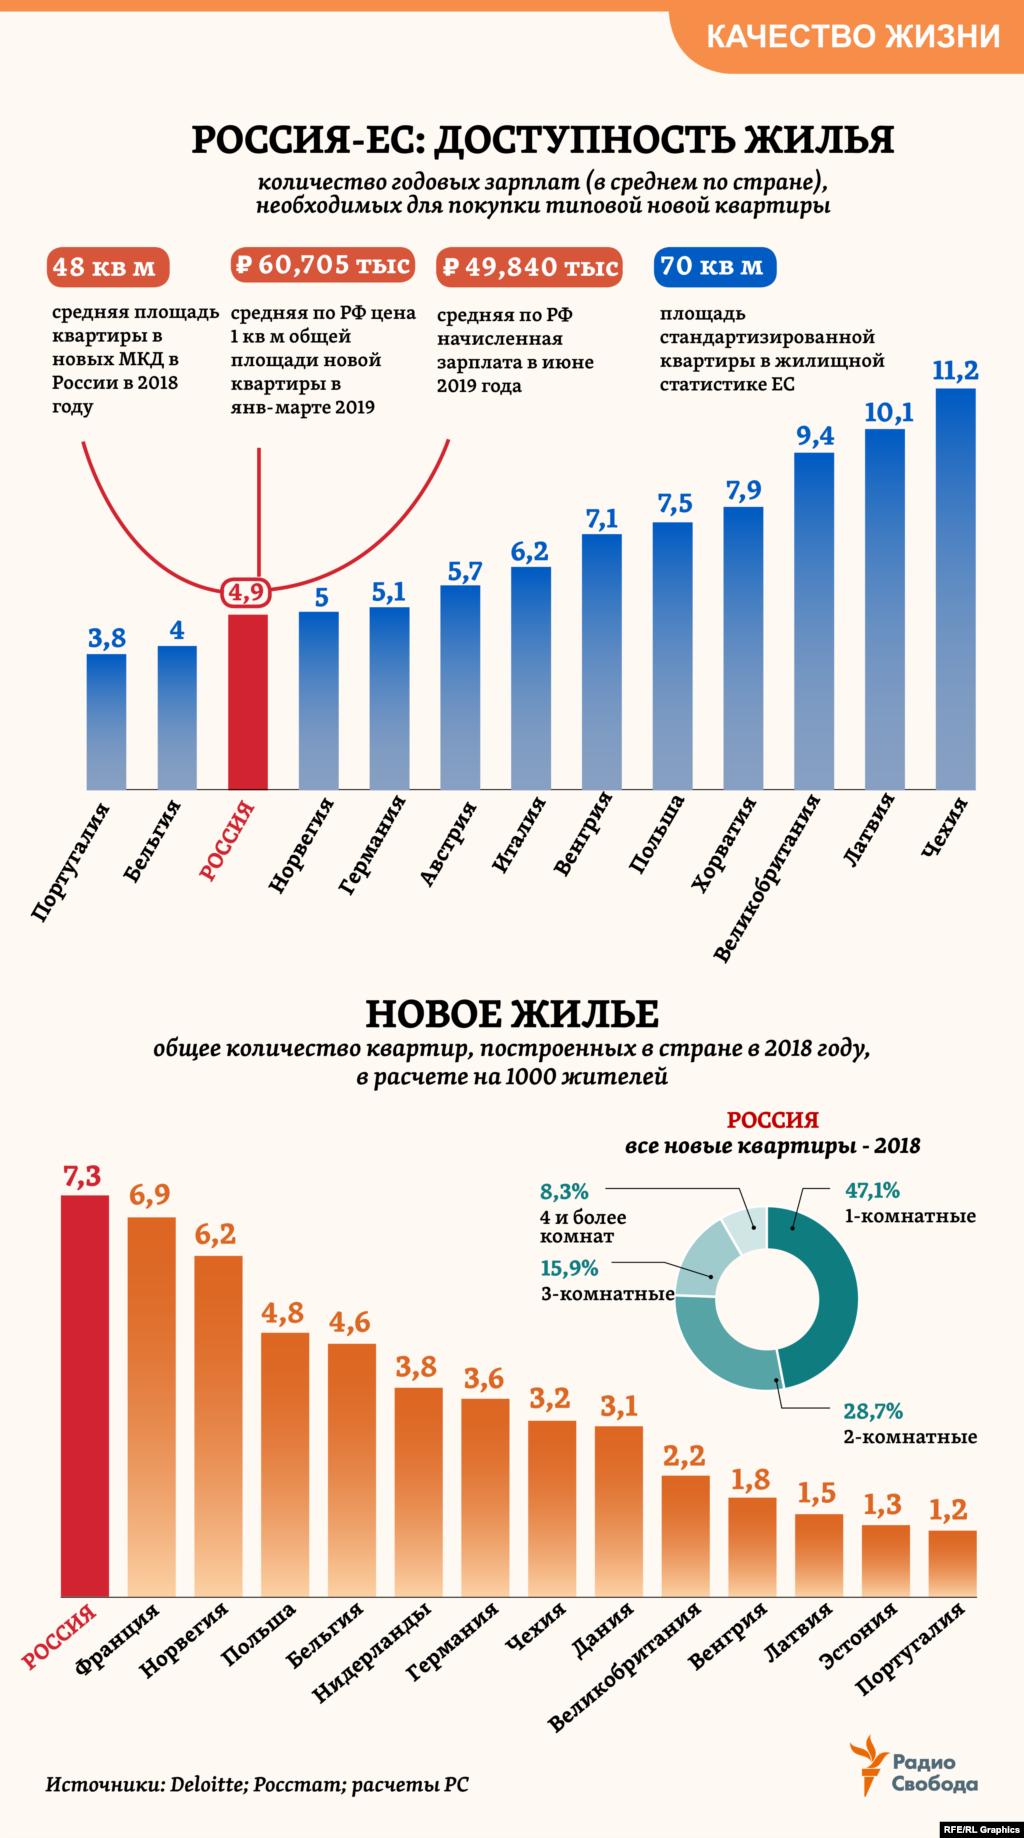 """Почти 5 средних годовых зарплат требуется сегодня в России, чтобы купить типовую квартиру средней площади в новом МКД. По меркам Европы – немного. Другое дело, что почти 70% всех работающих россиян, по оценкам Росстата, получают зарплату ниже той, которая официально называется """"средней по стране"""".  При этом самих новых квартир (в расчете на 1000 жителей) в России строится сейчас больше, чем во многих европейских странах."""